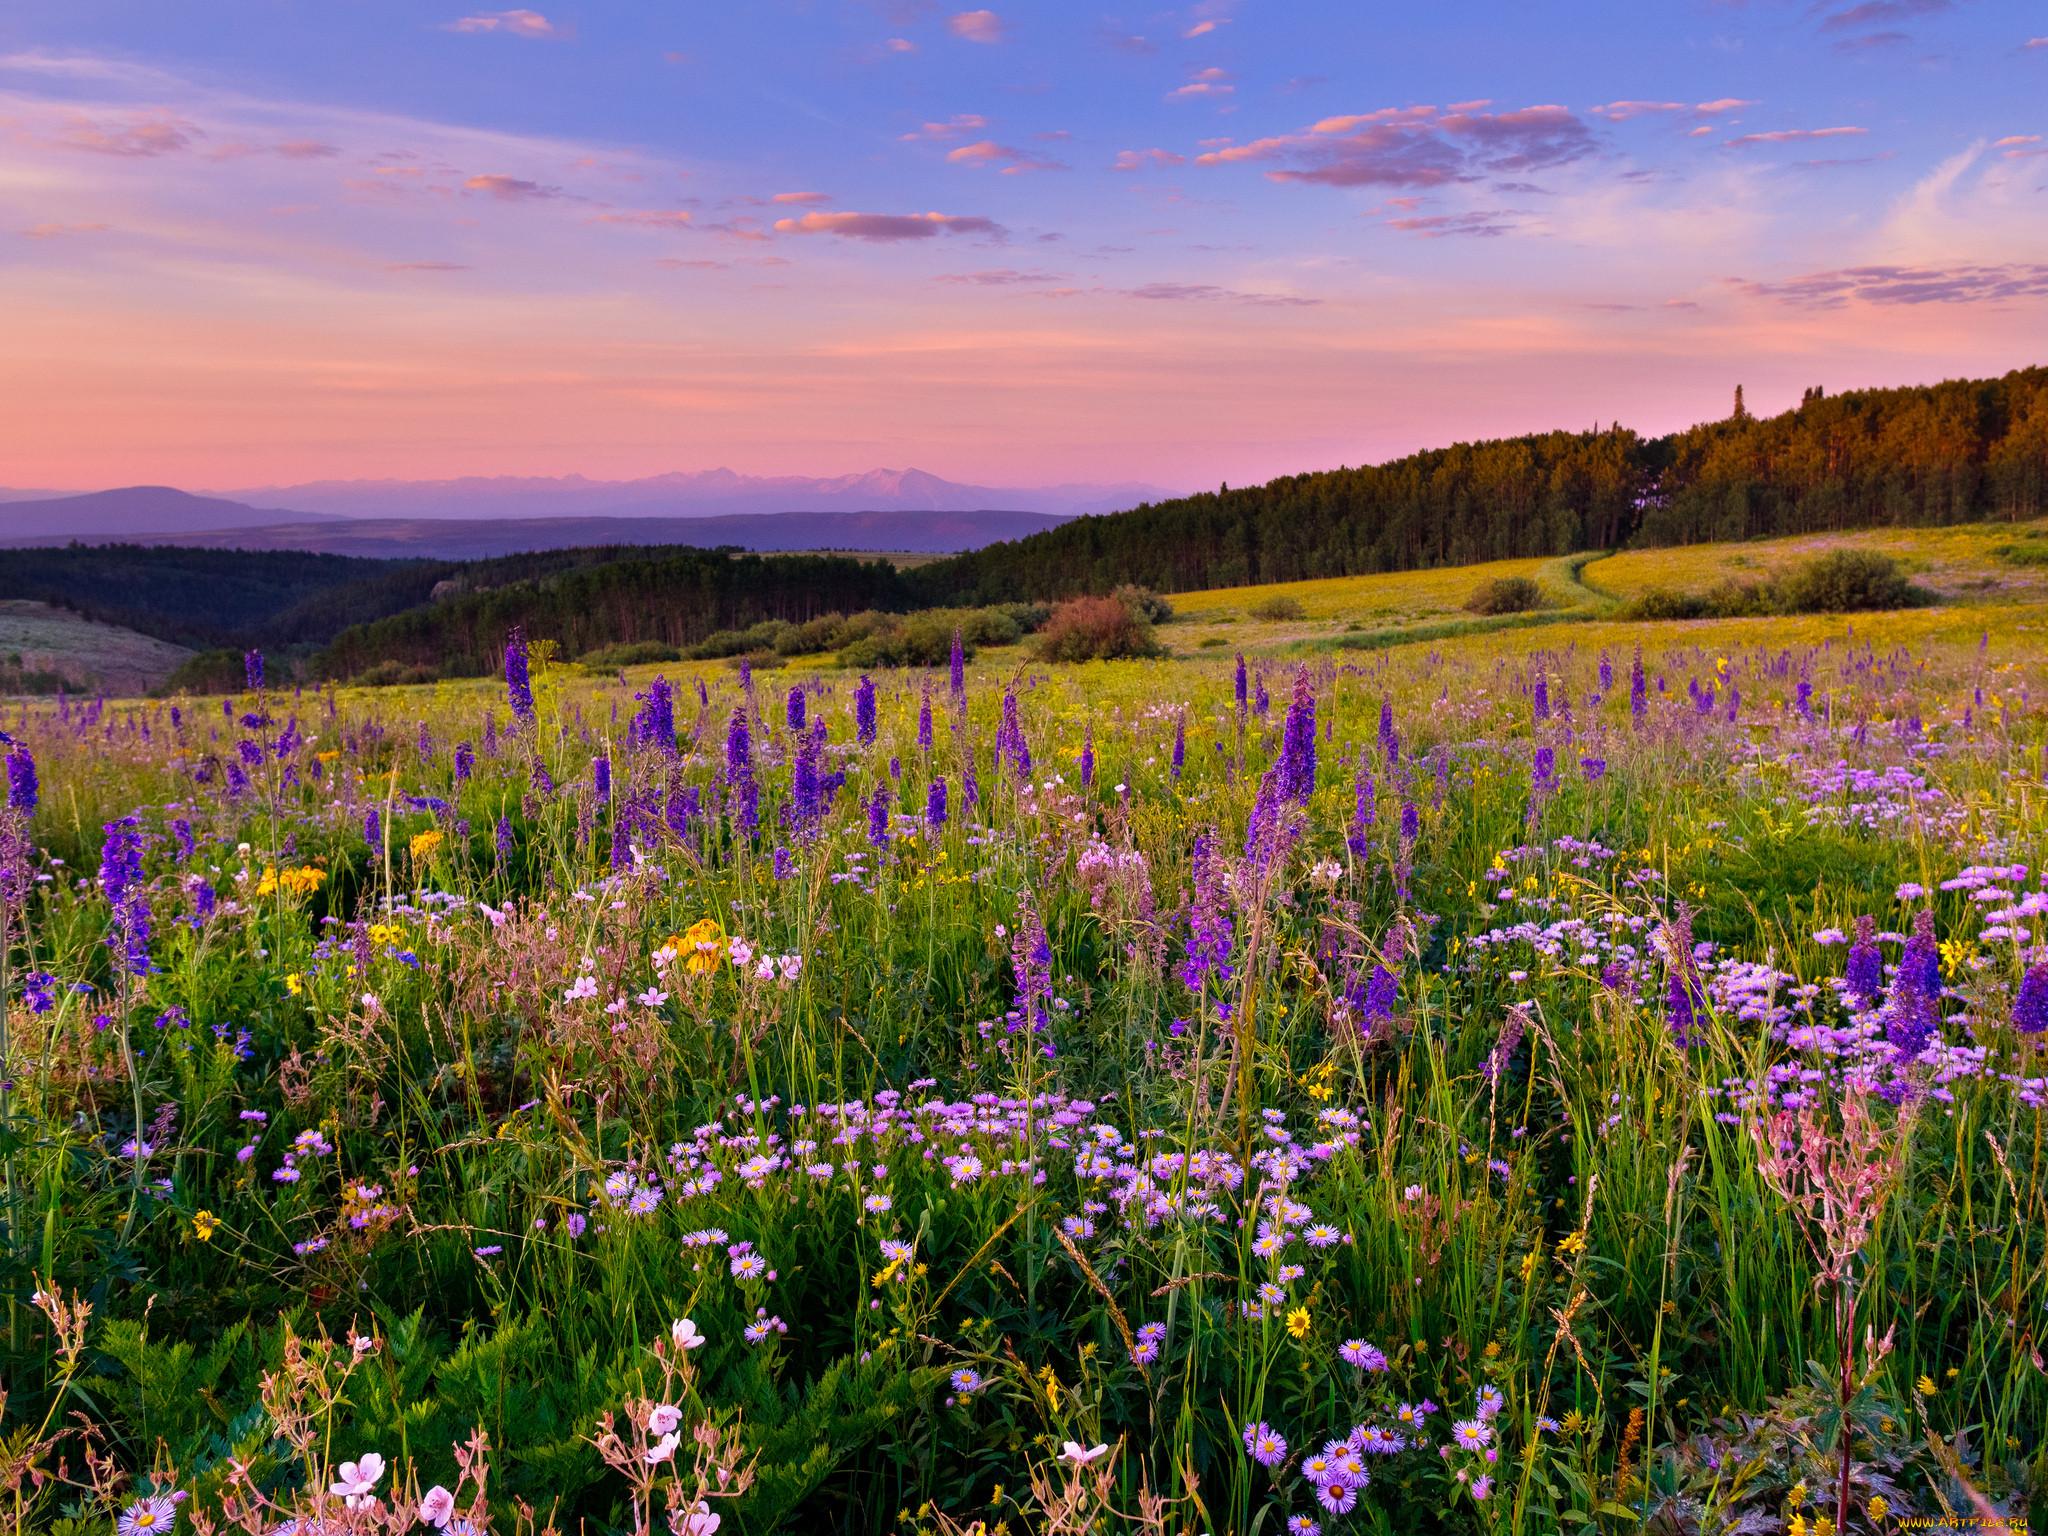 фото красивые пейзажи луга и поля сэкономите пространство